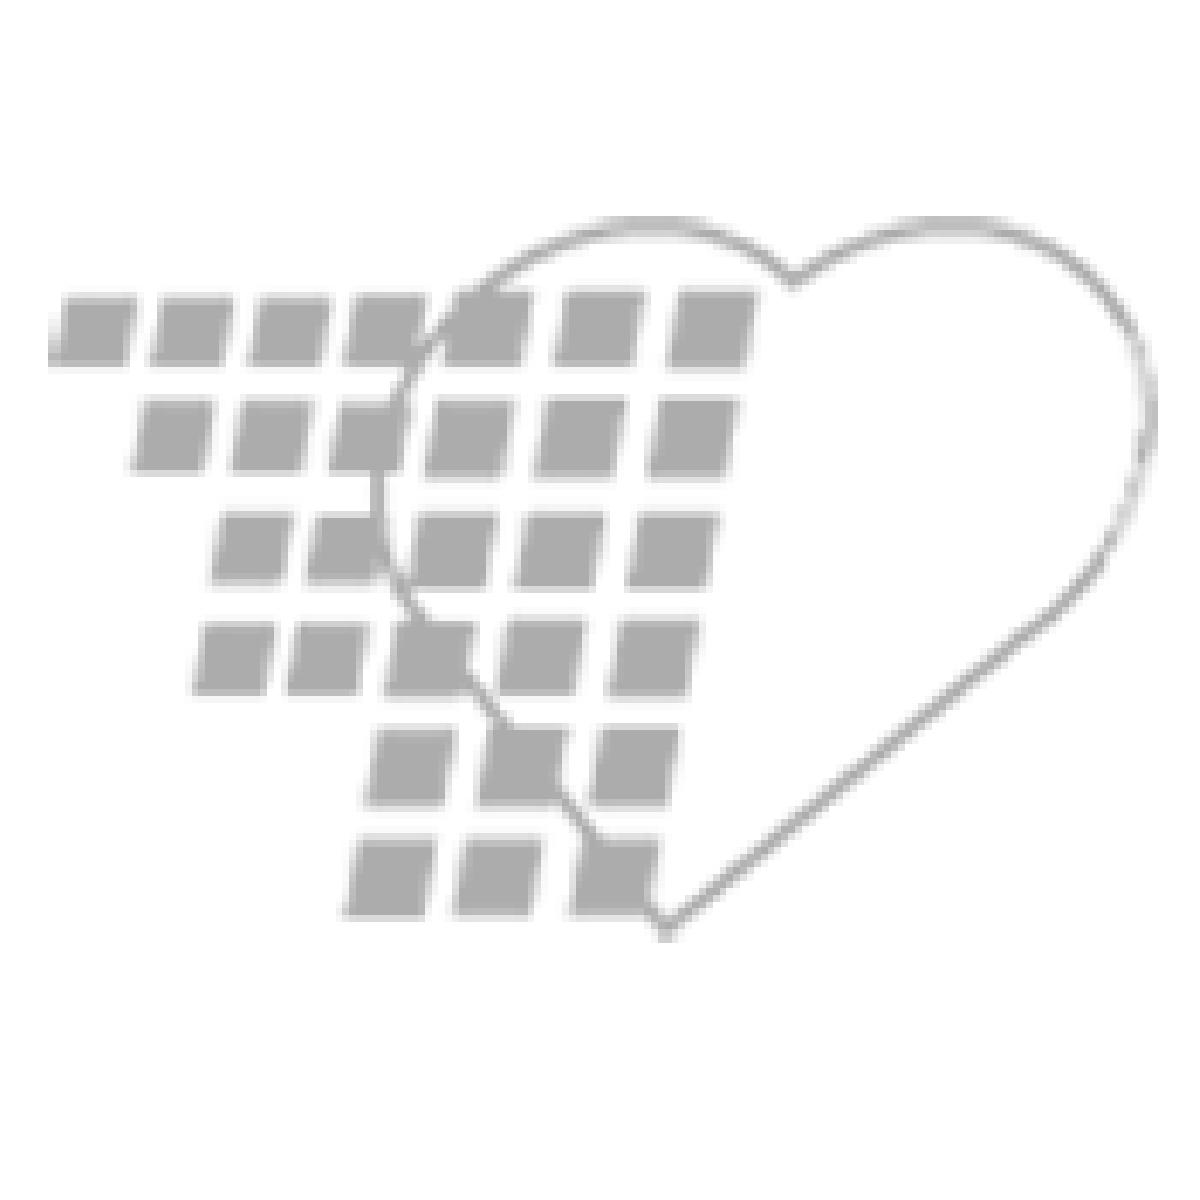 12-81-0095 Episiotomy and Suturing Simulator